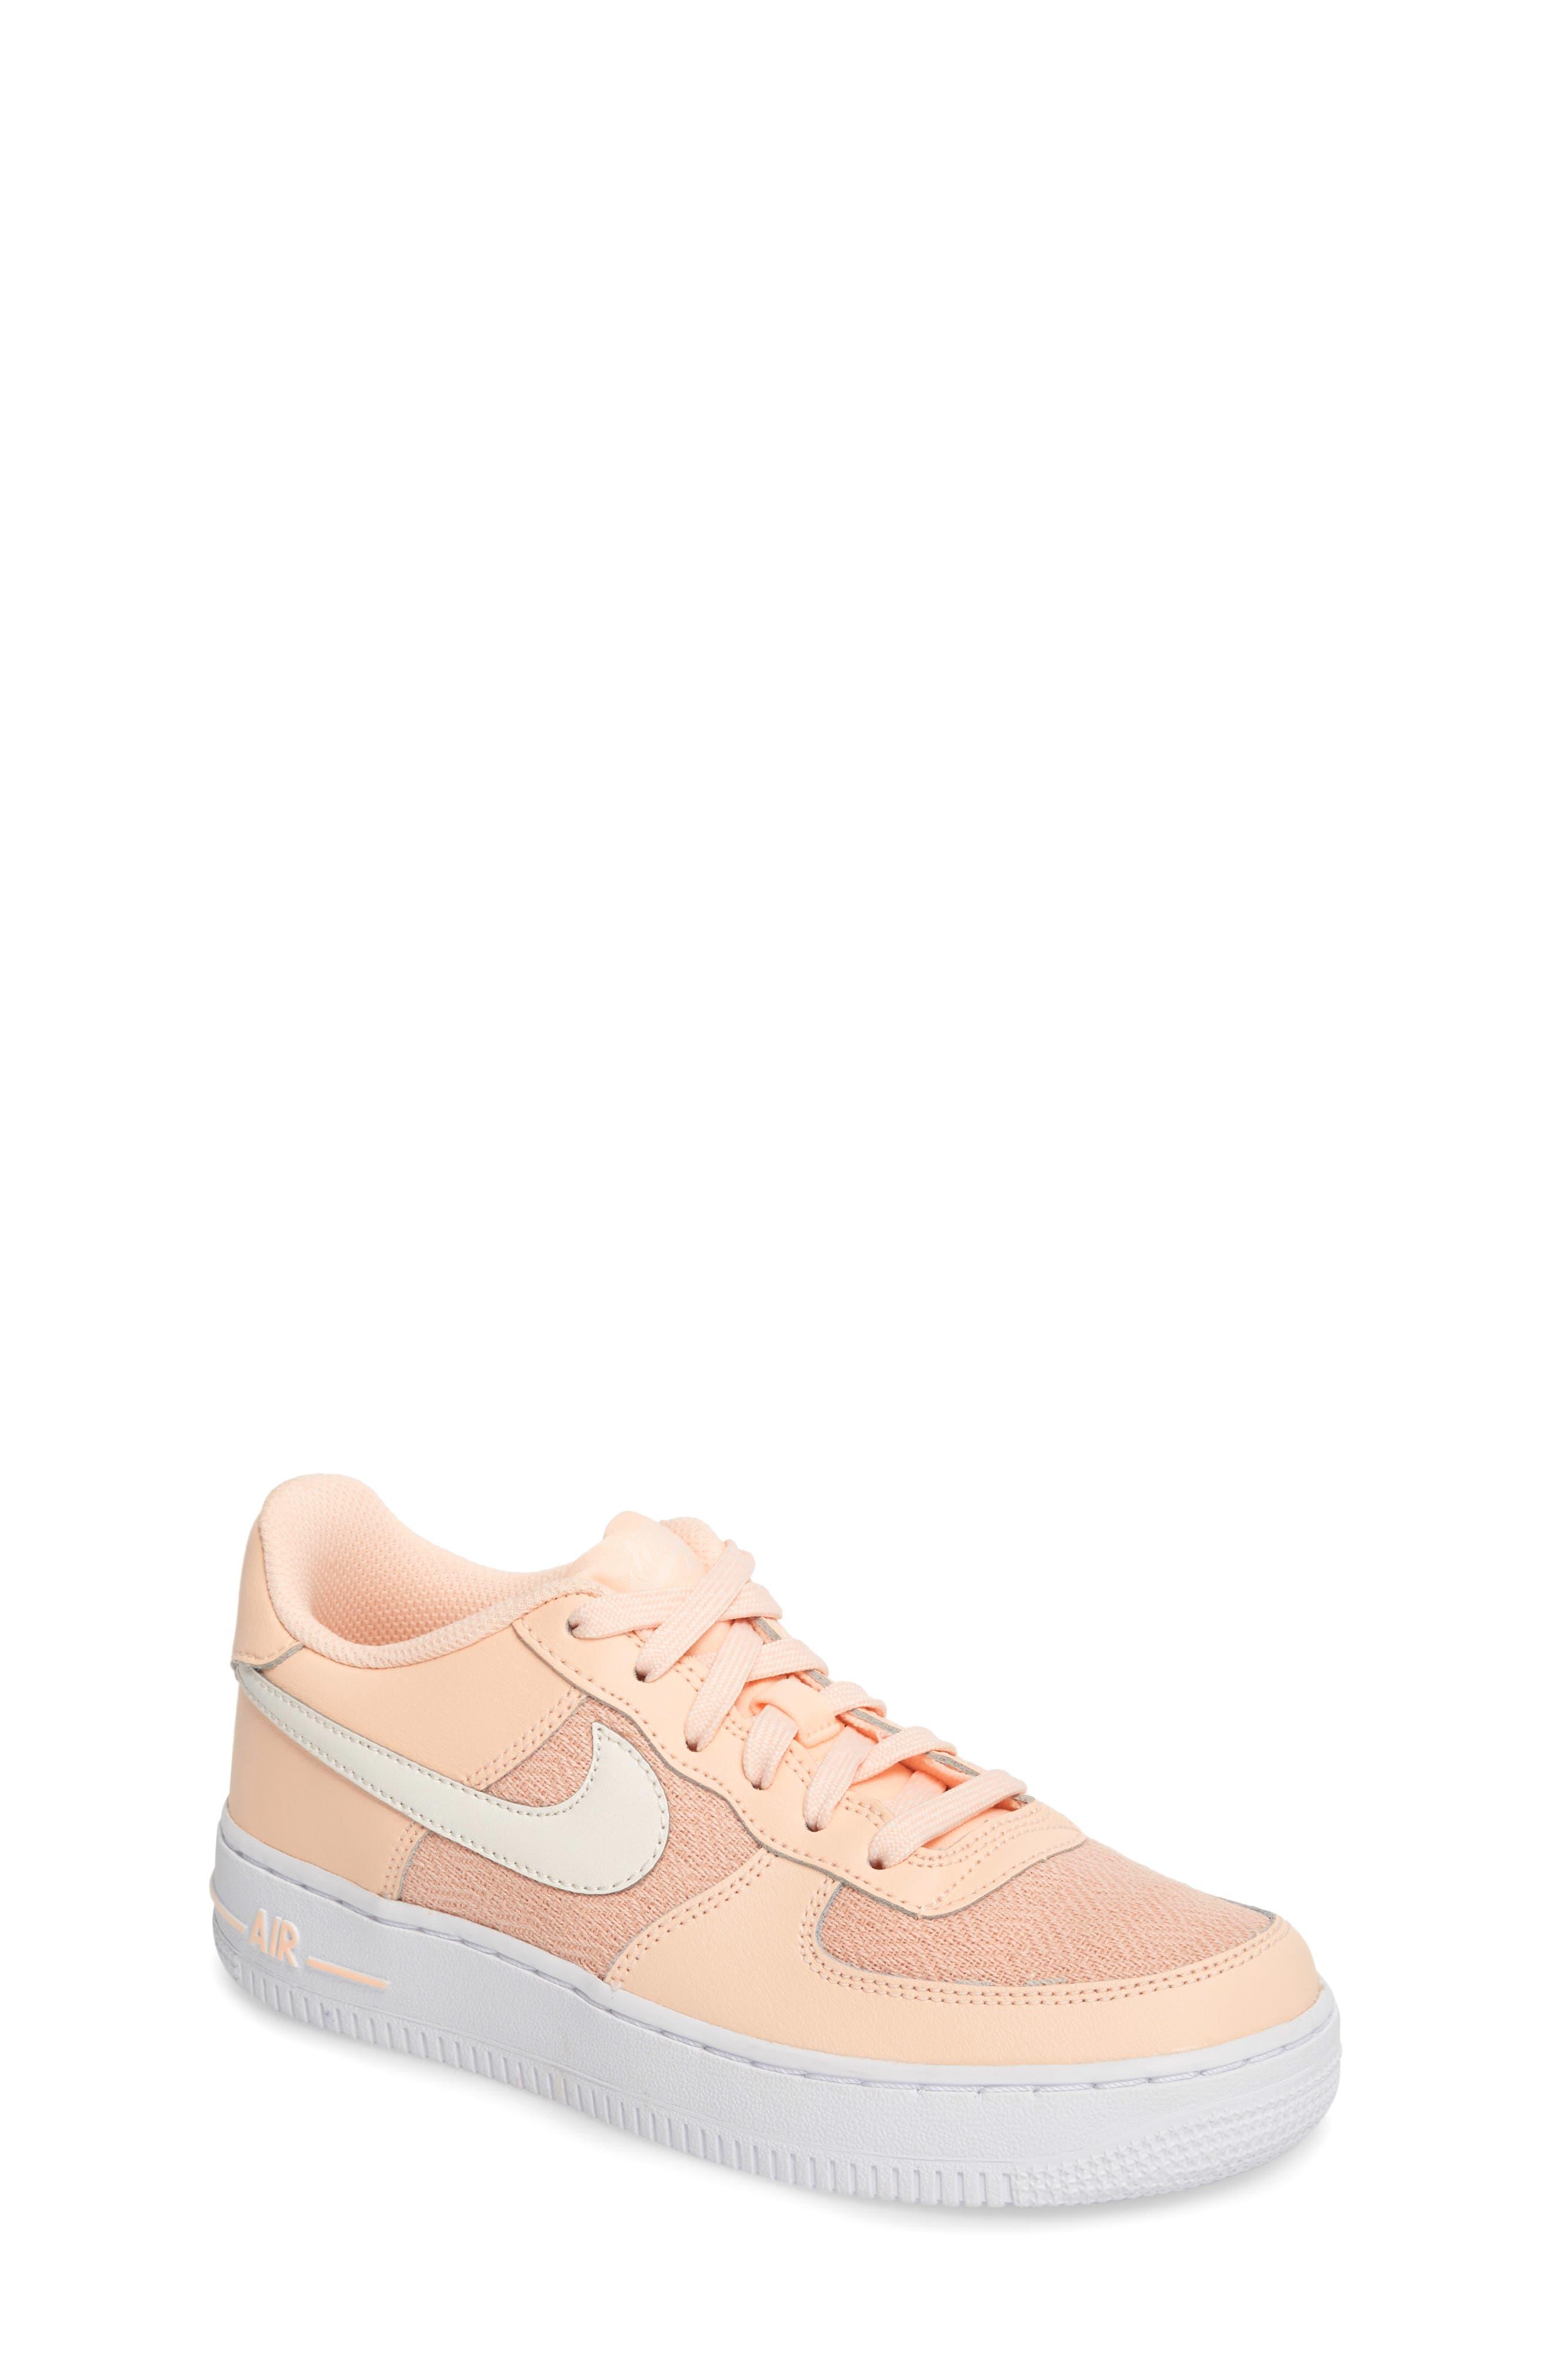 Air Force 1 LV8 Sneaker,                             Main thumbnail 1, color,                             Crimson Tint/ Sail/ White